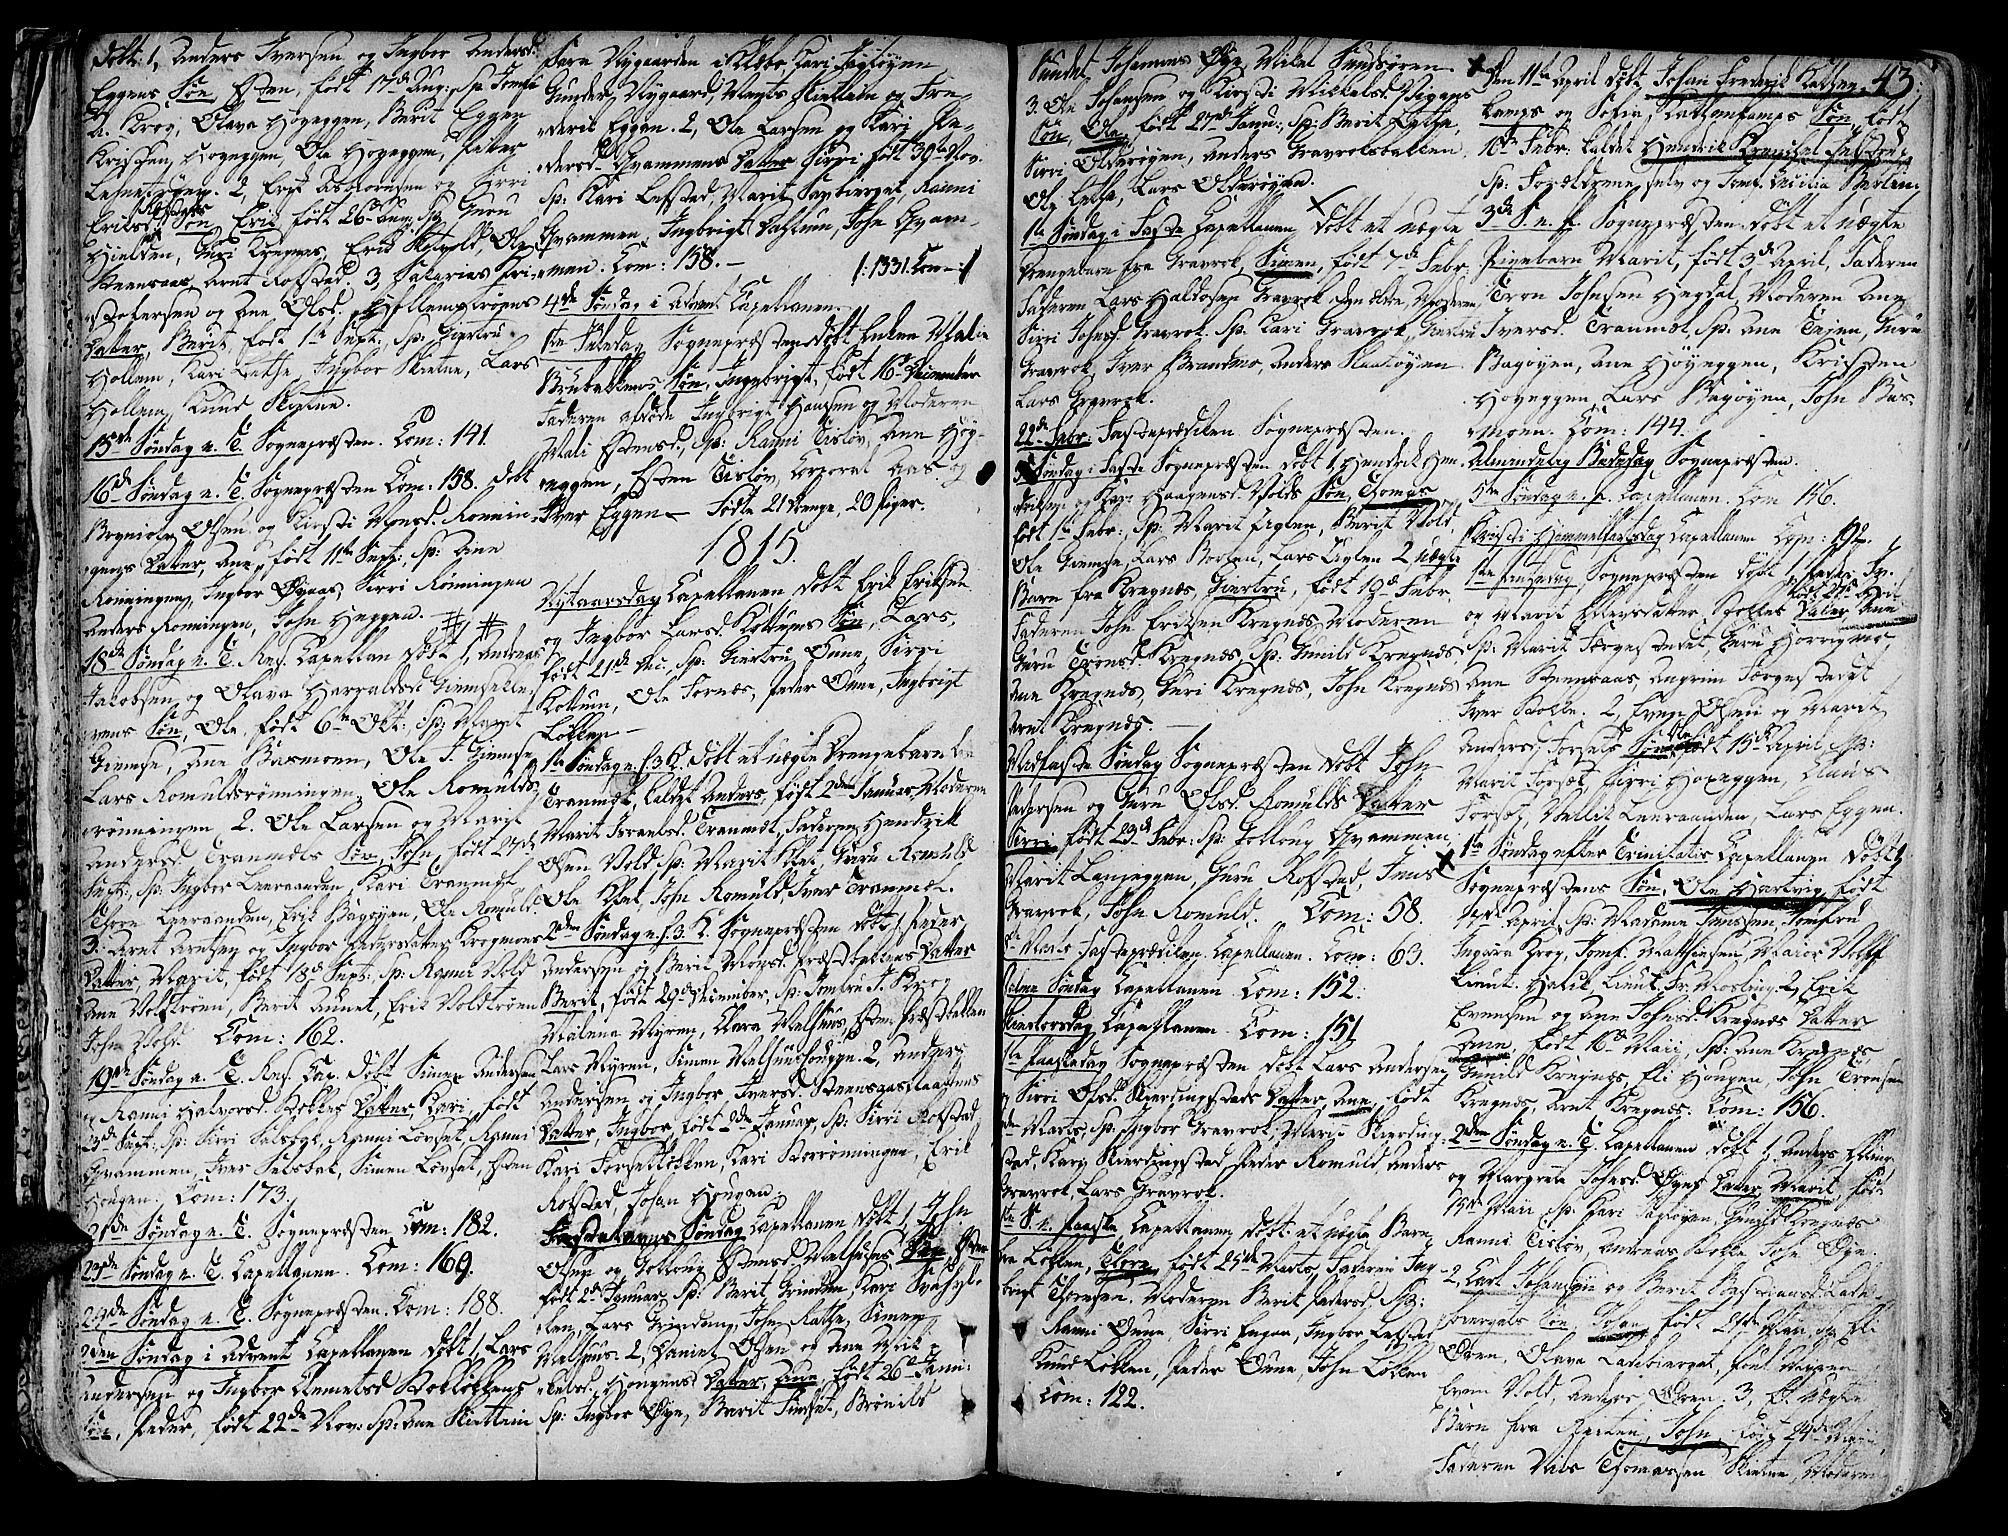 SAT, Ministerialprotokoller, klokkerbøker og fødselsregistre - Sør-Trøndelag, 691/L1061: Ministerialbok nr. 691A02 /1, 1768-1815, s. 43